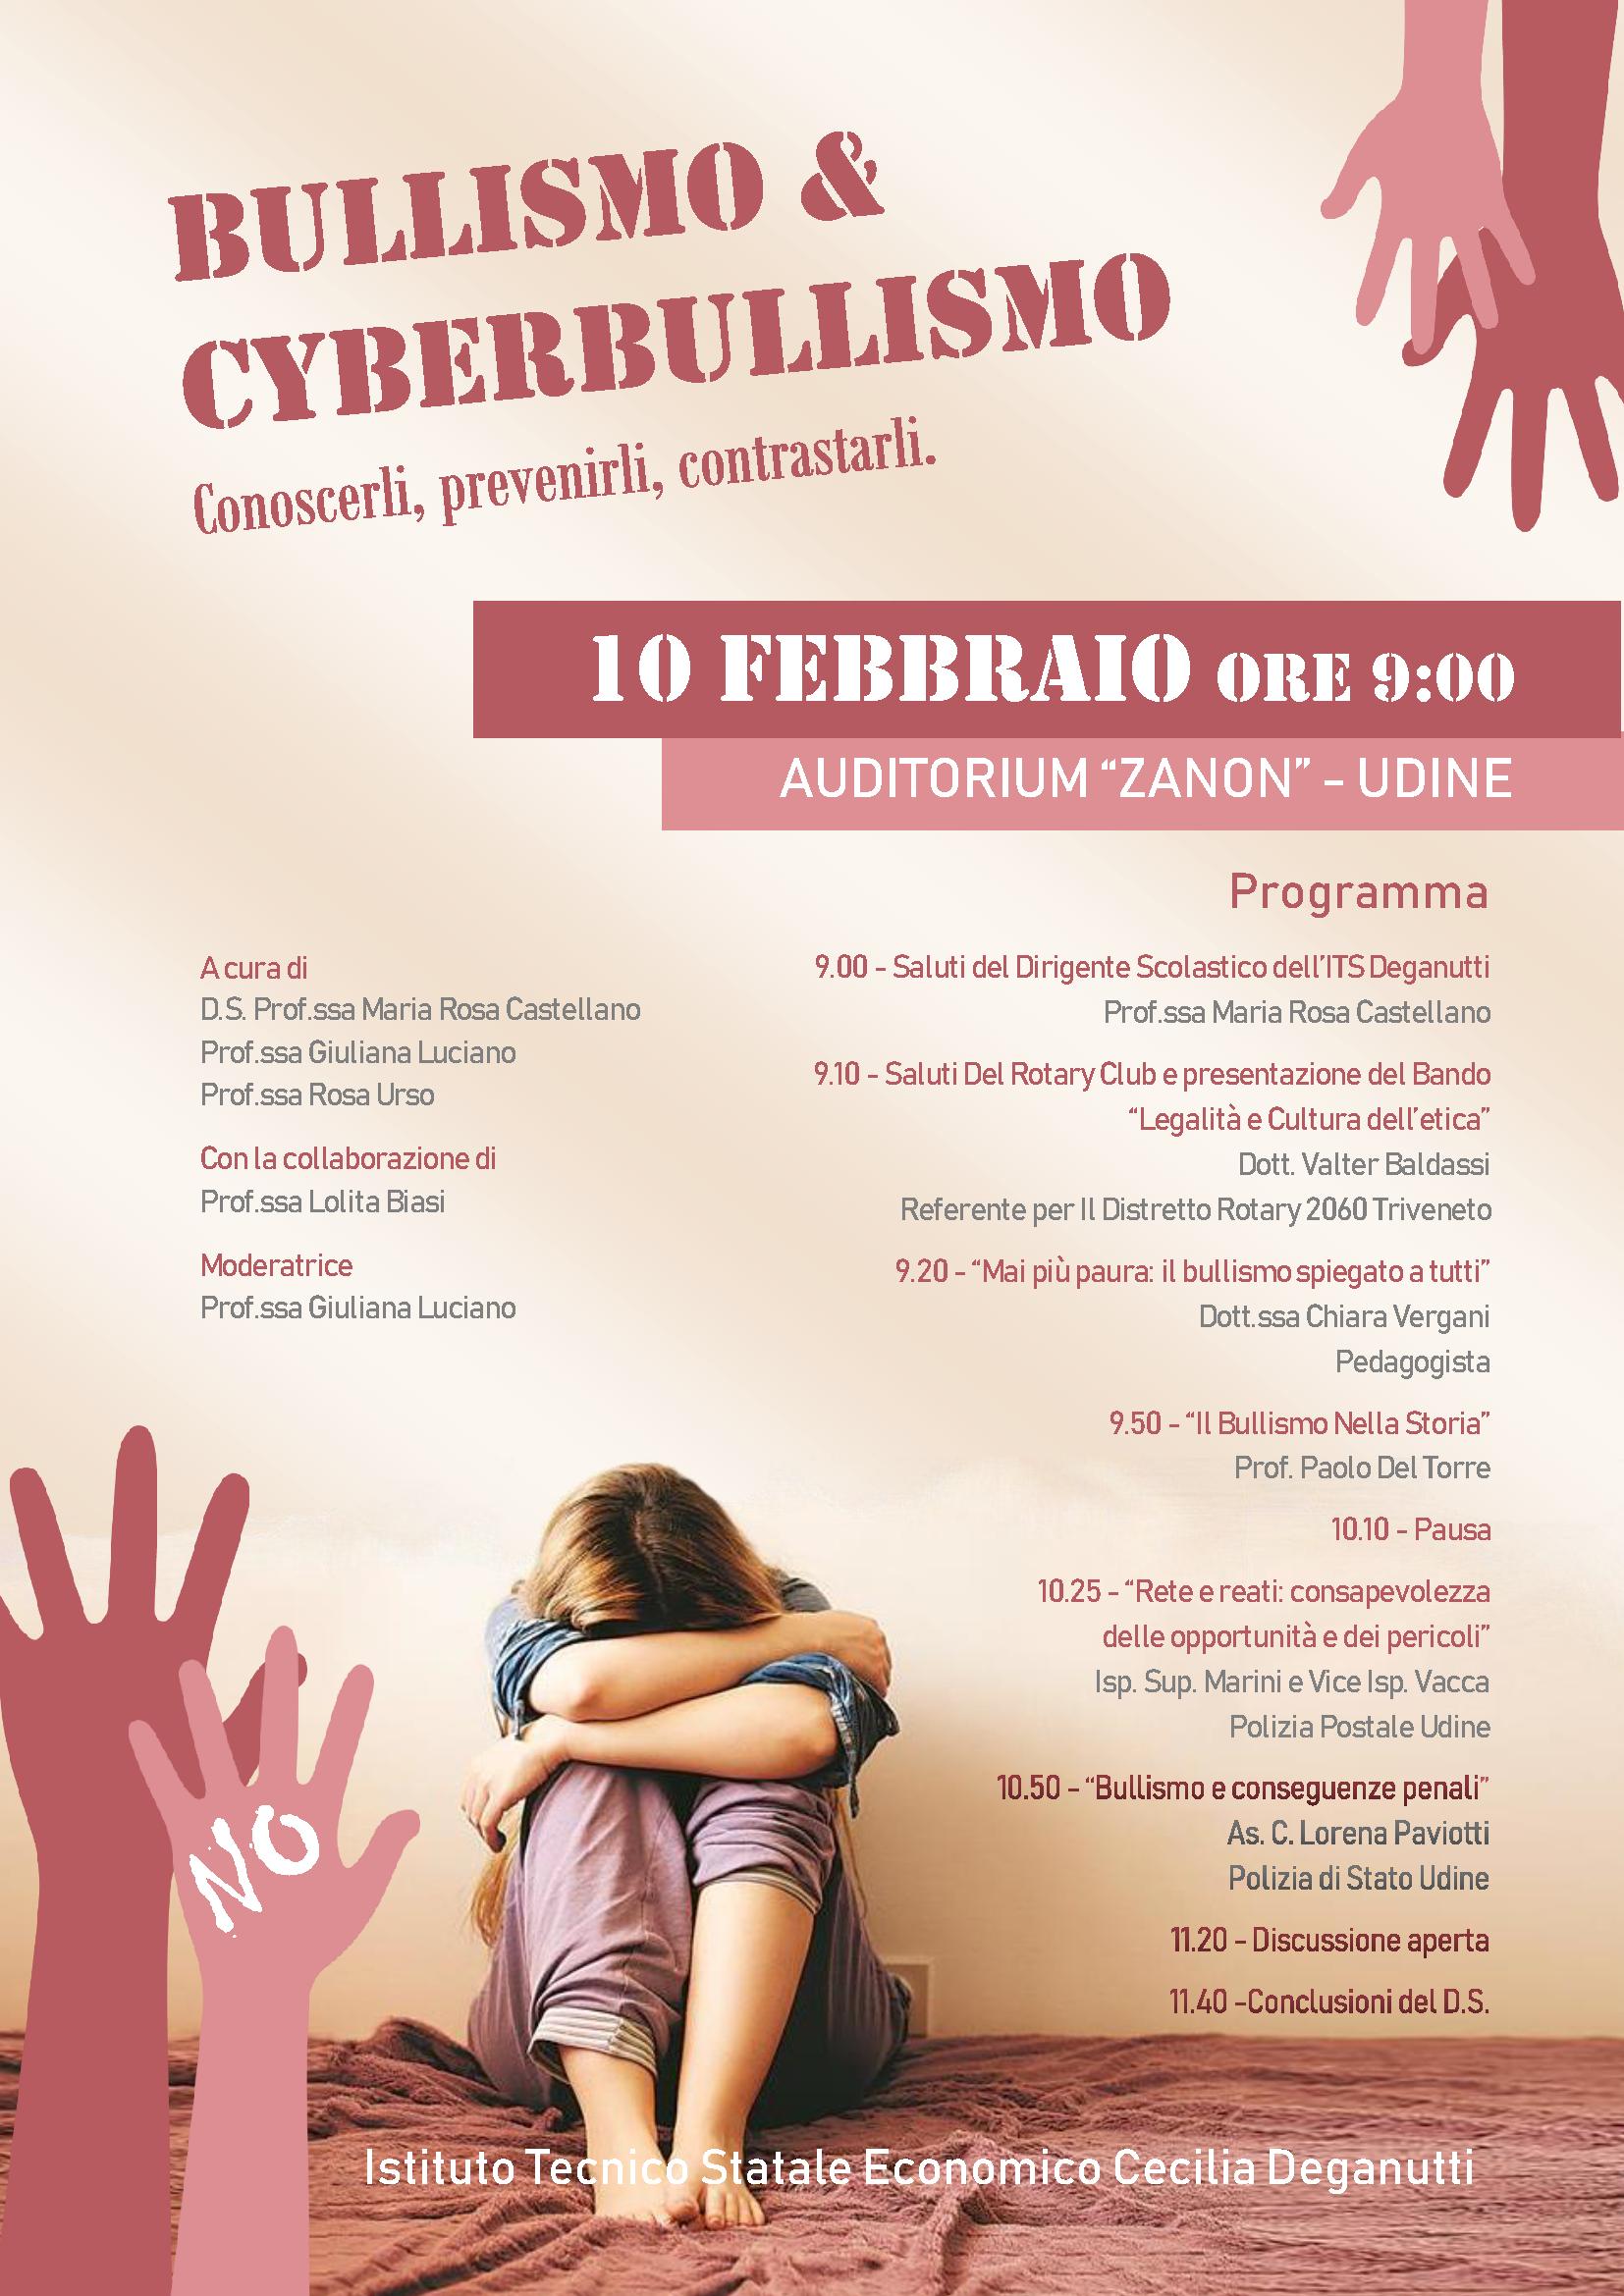 Convegno Bullismo e Cyberbullismo: conoscerli prevenirli, contrastarli